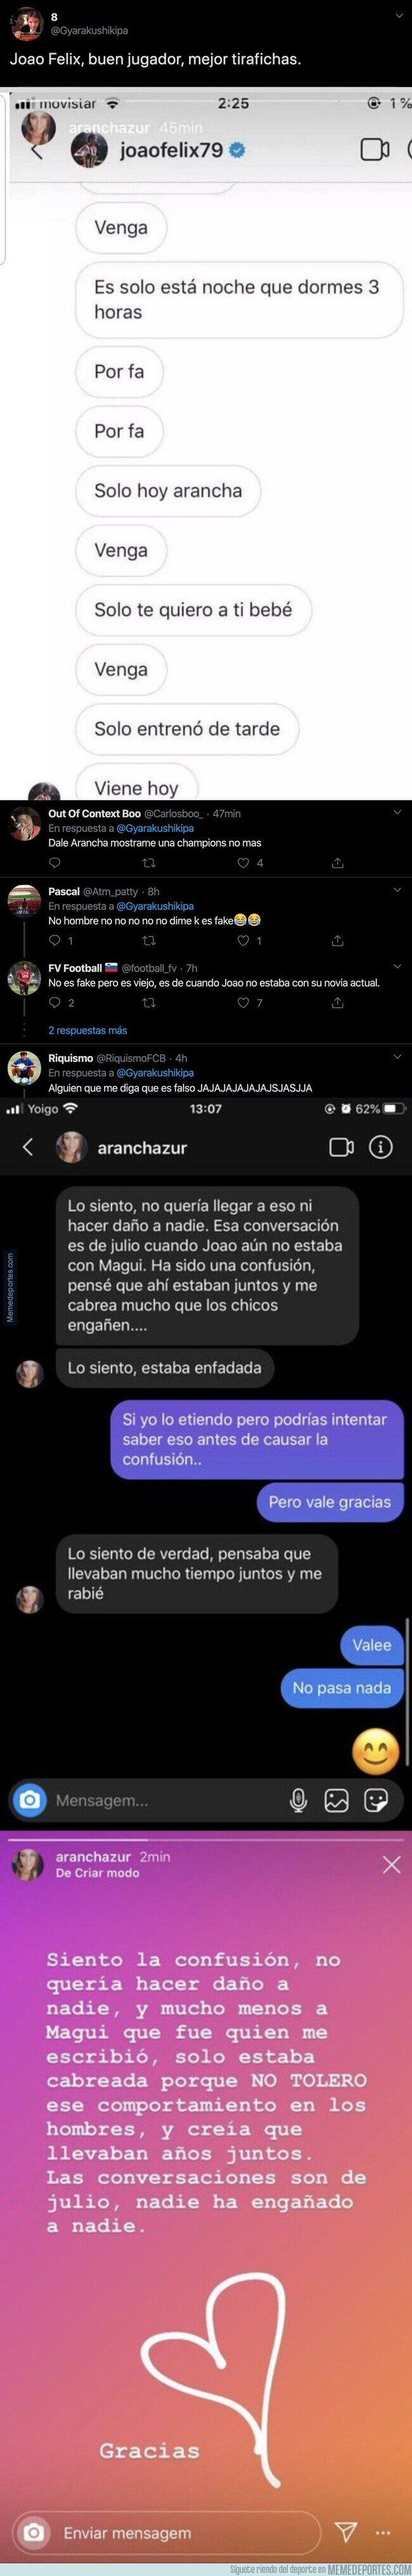 1099355 - Muy loco: se filtran unas conversaciones de Joao Felix con una chica por Instagram y todo el mundo está alucinando